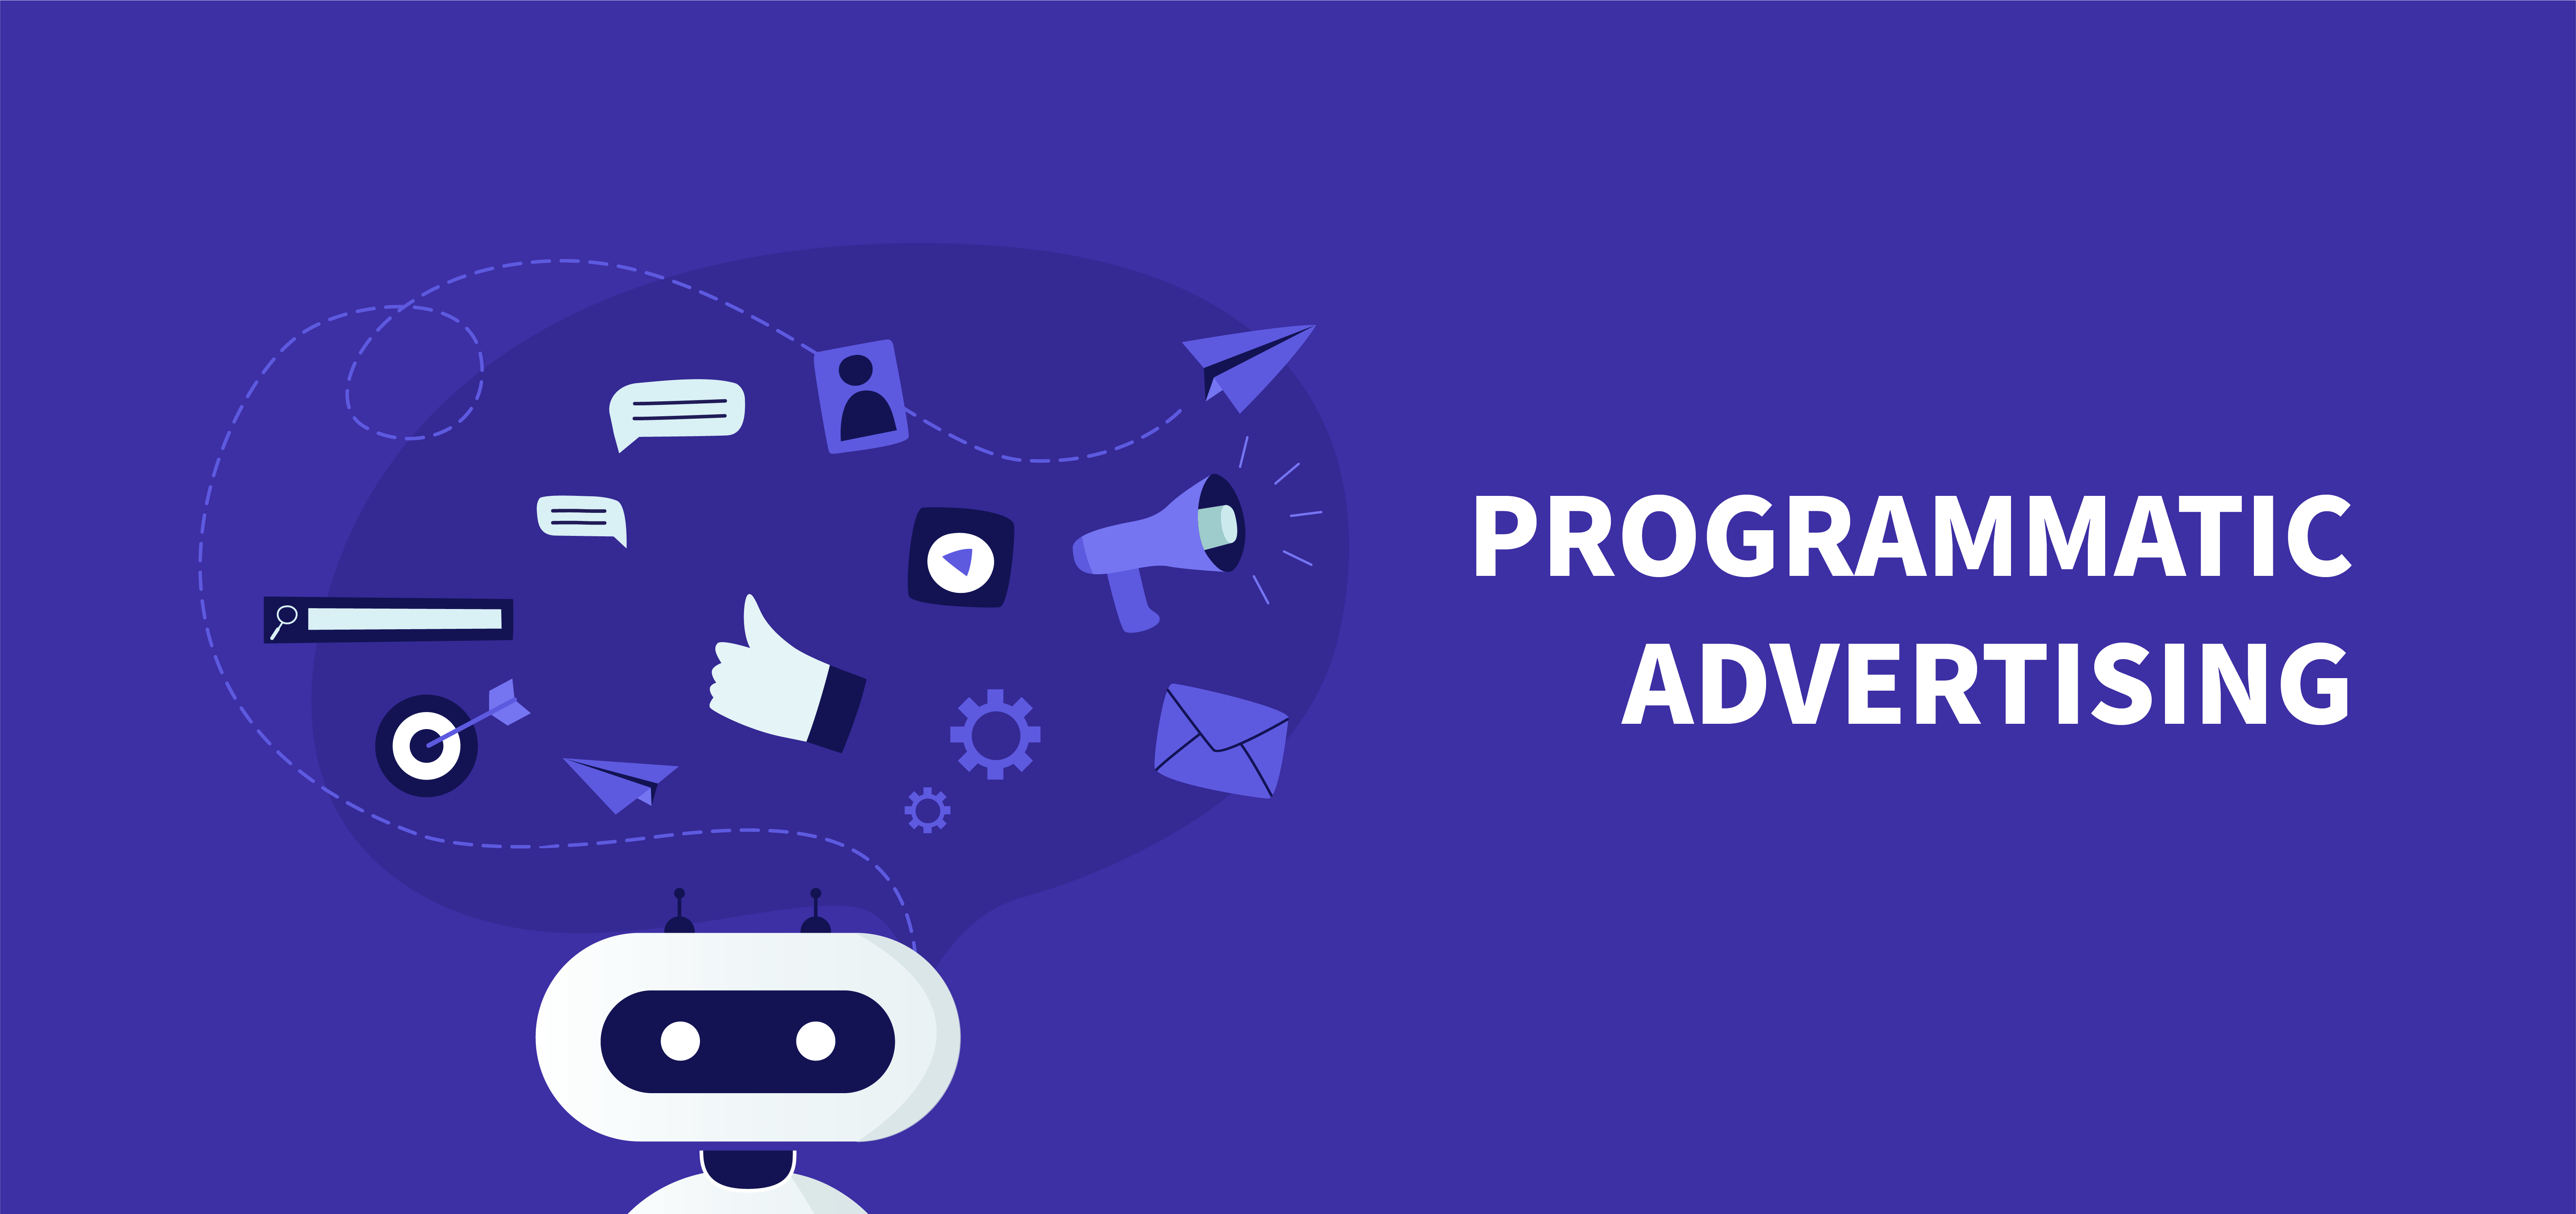 Marketing trends: Programmatic Advertising